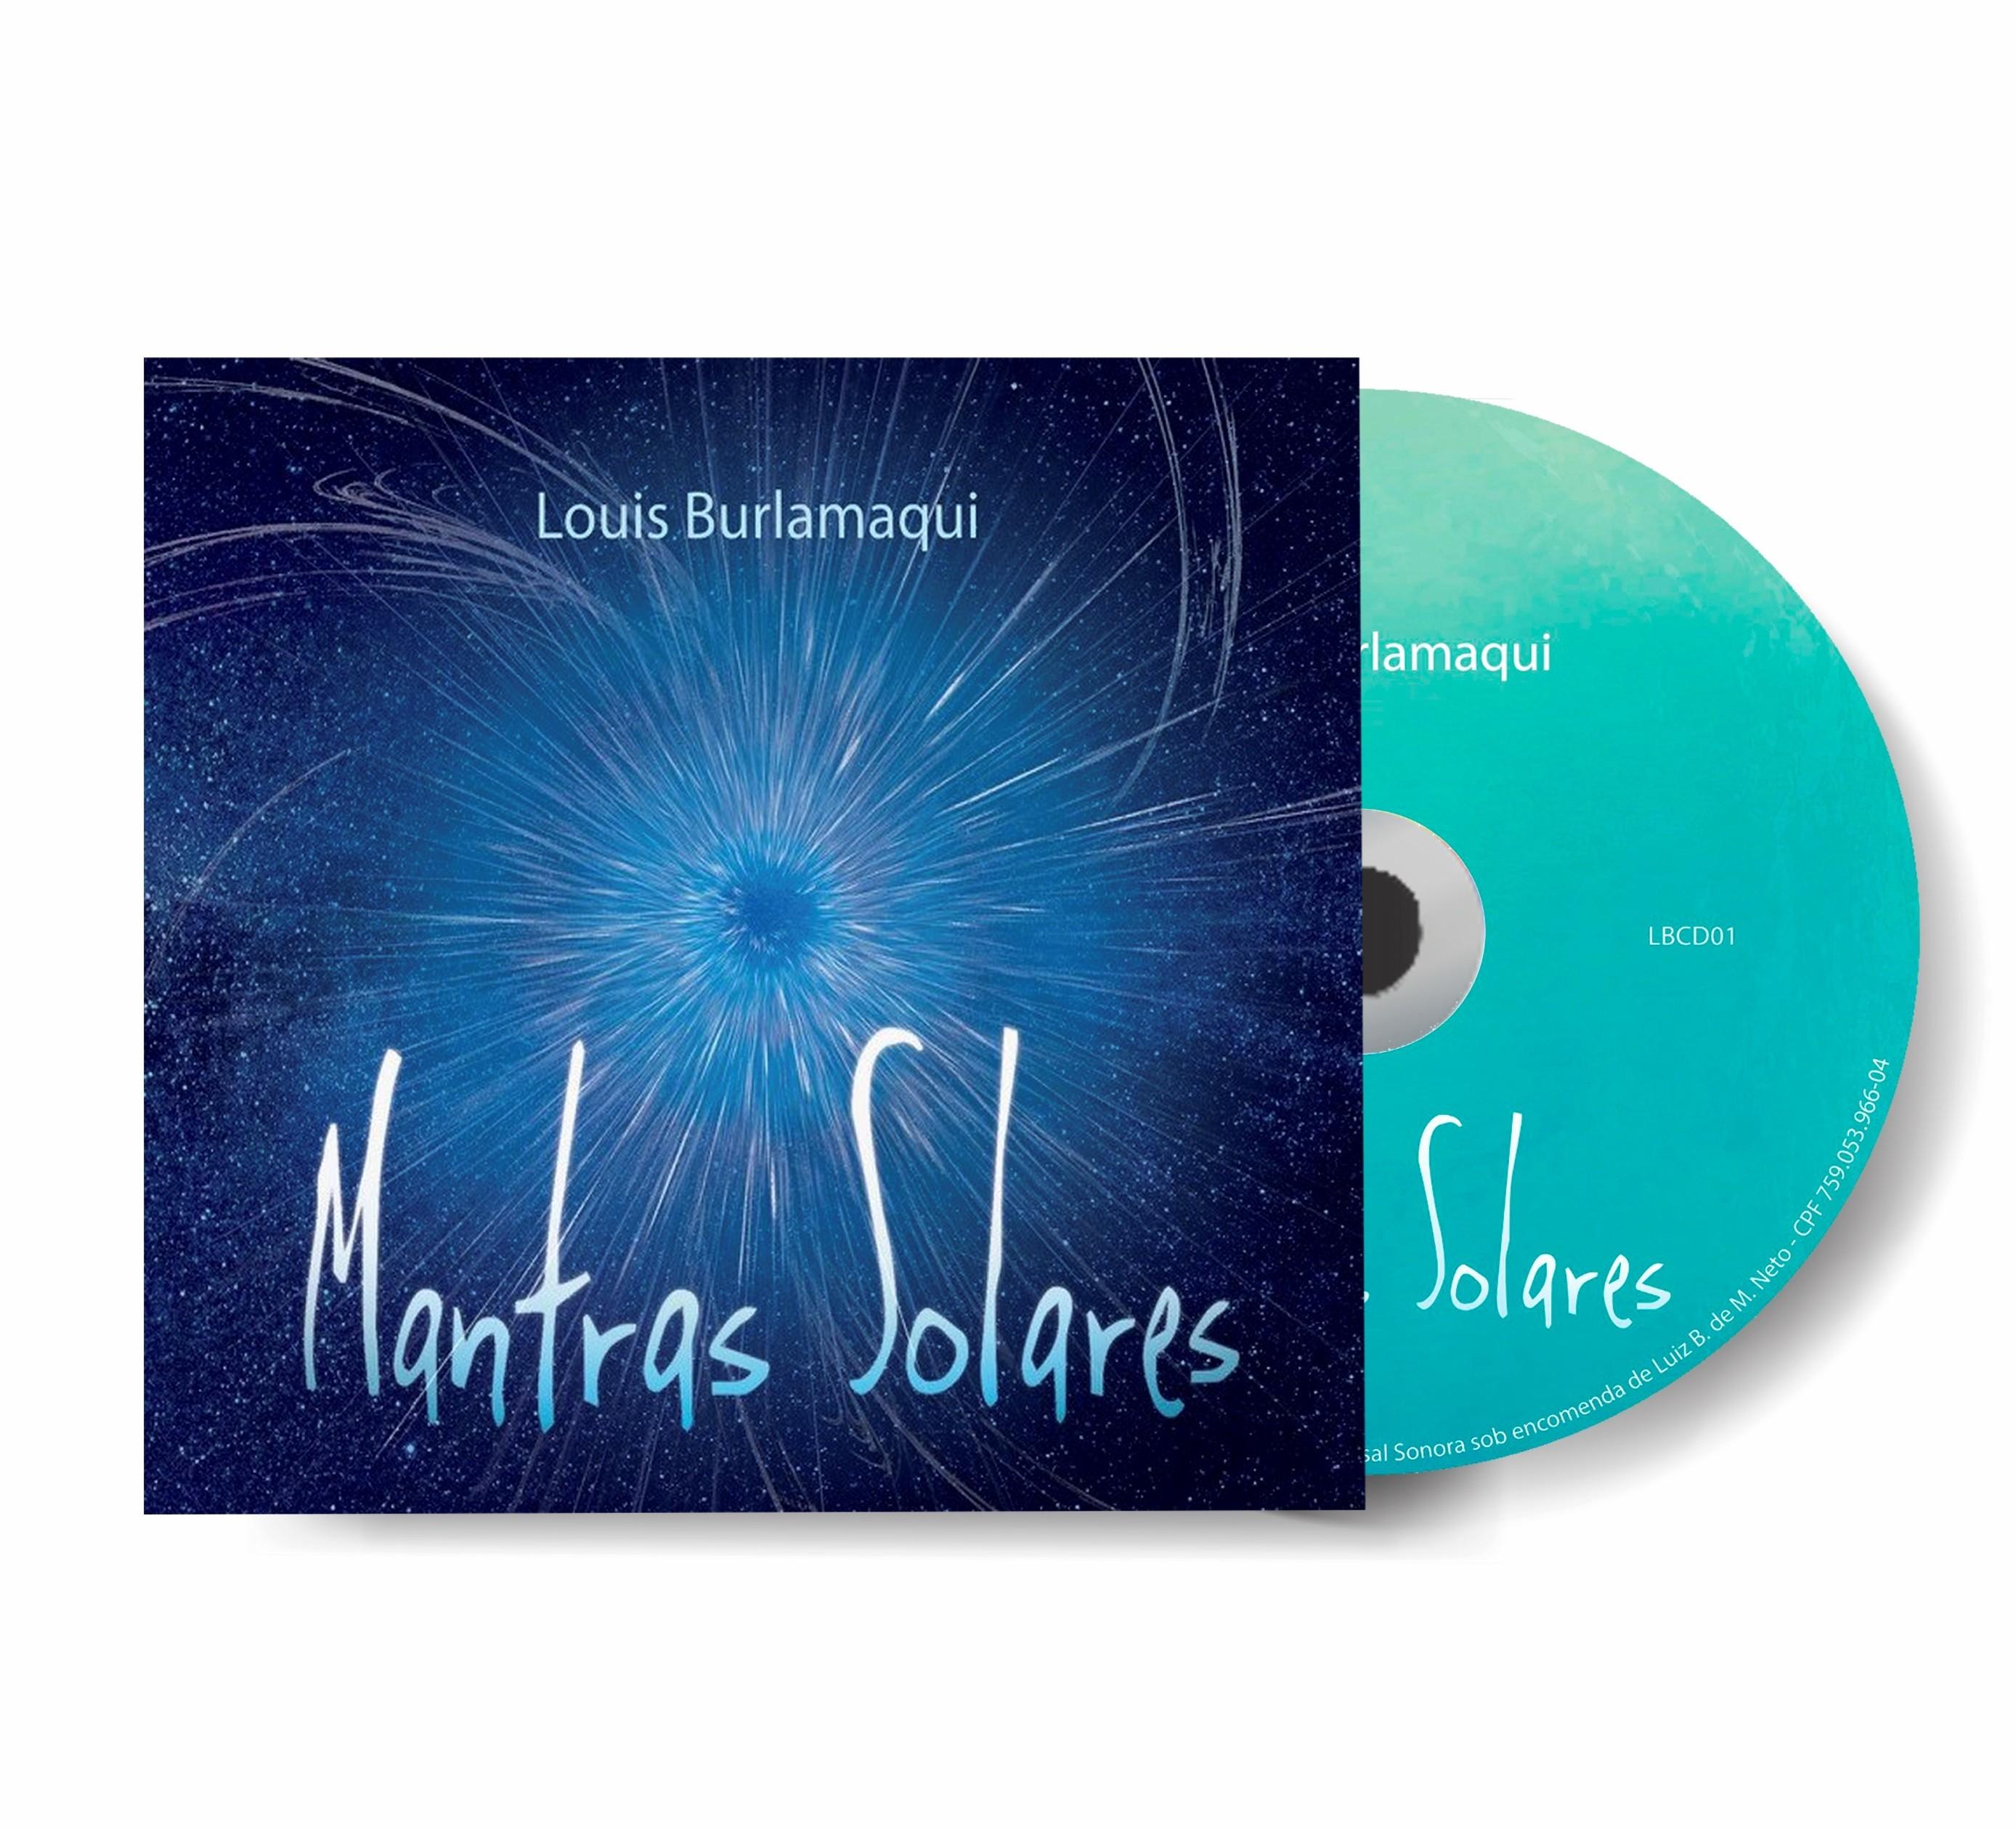 MANTRAS SOLARES - CD